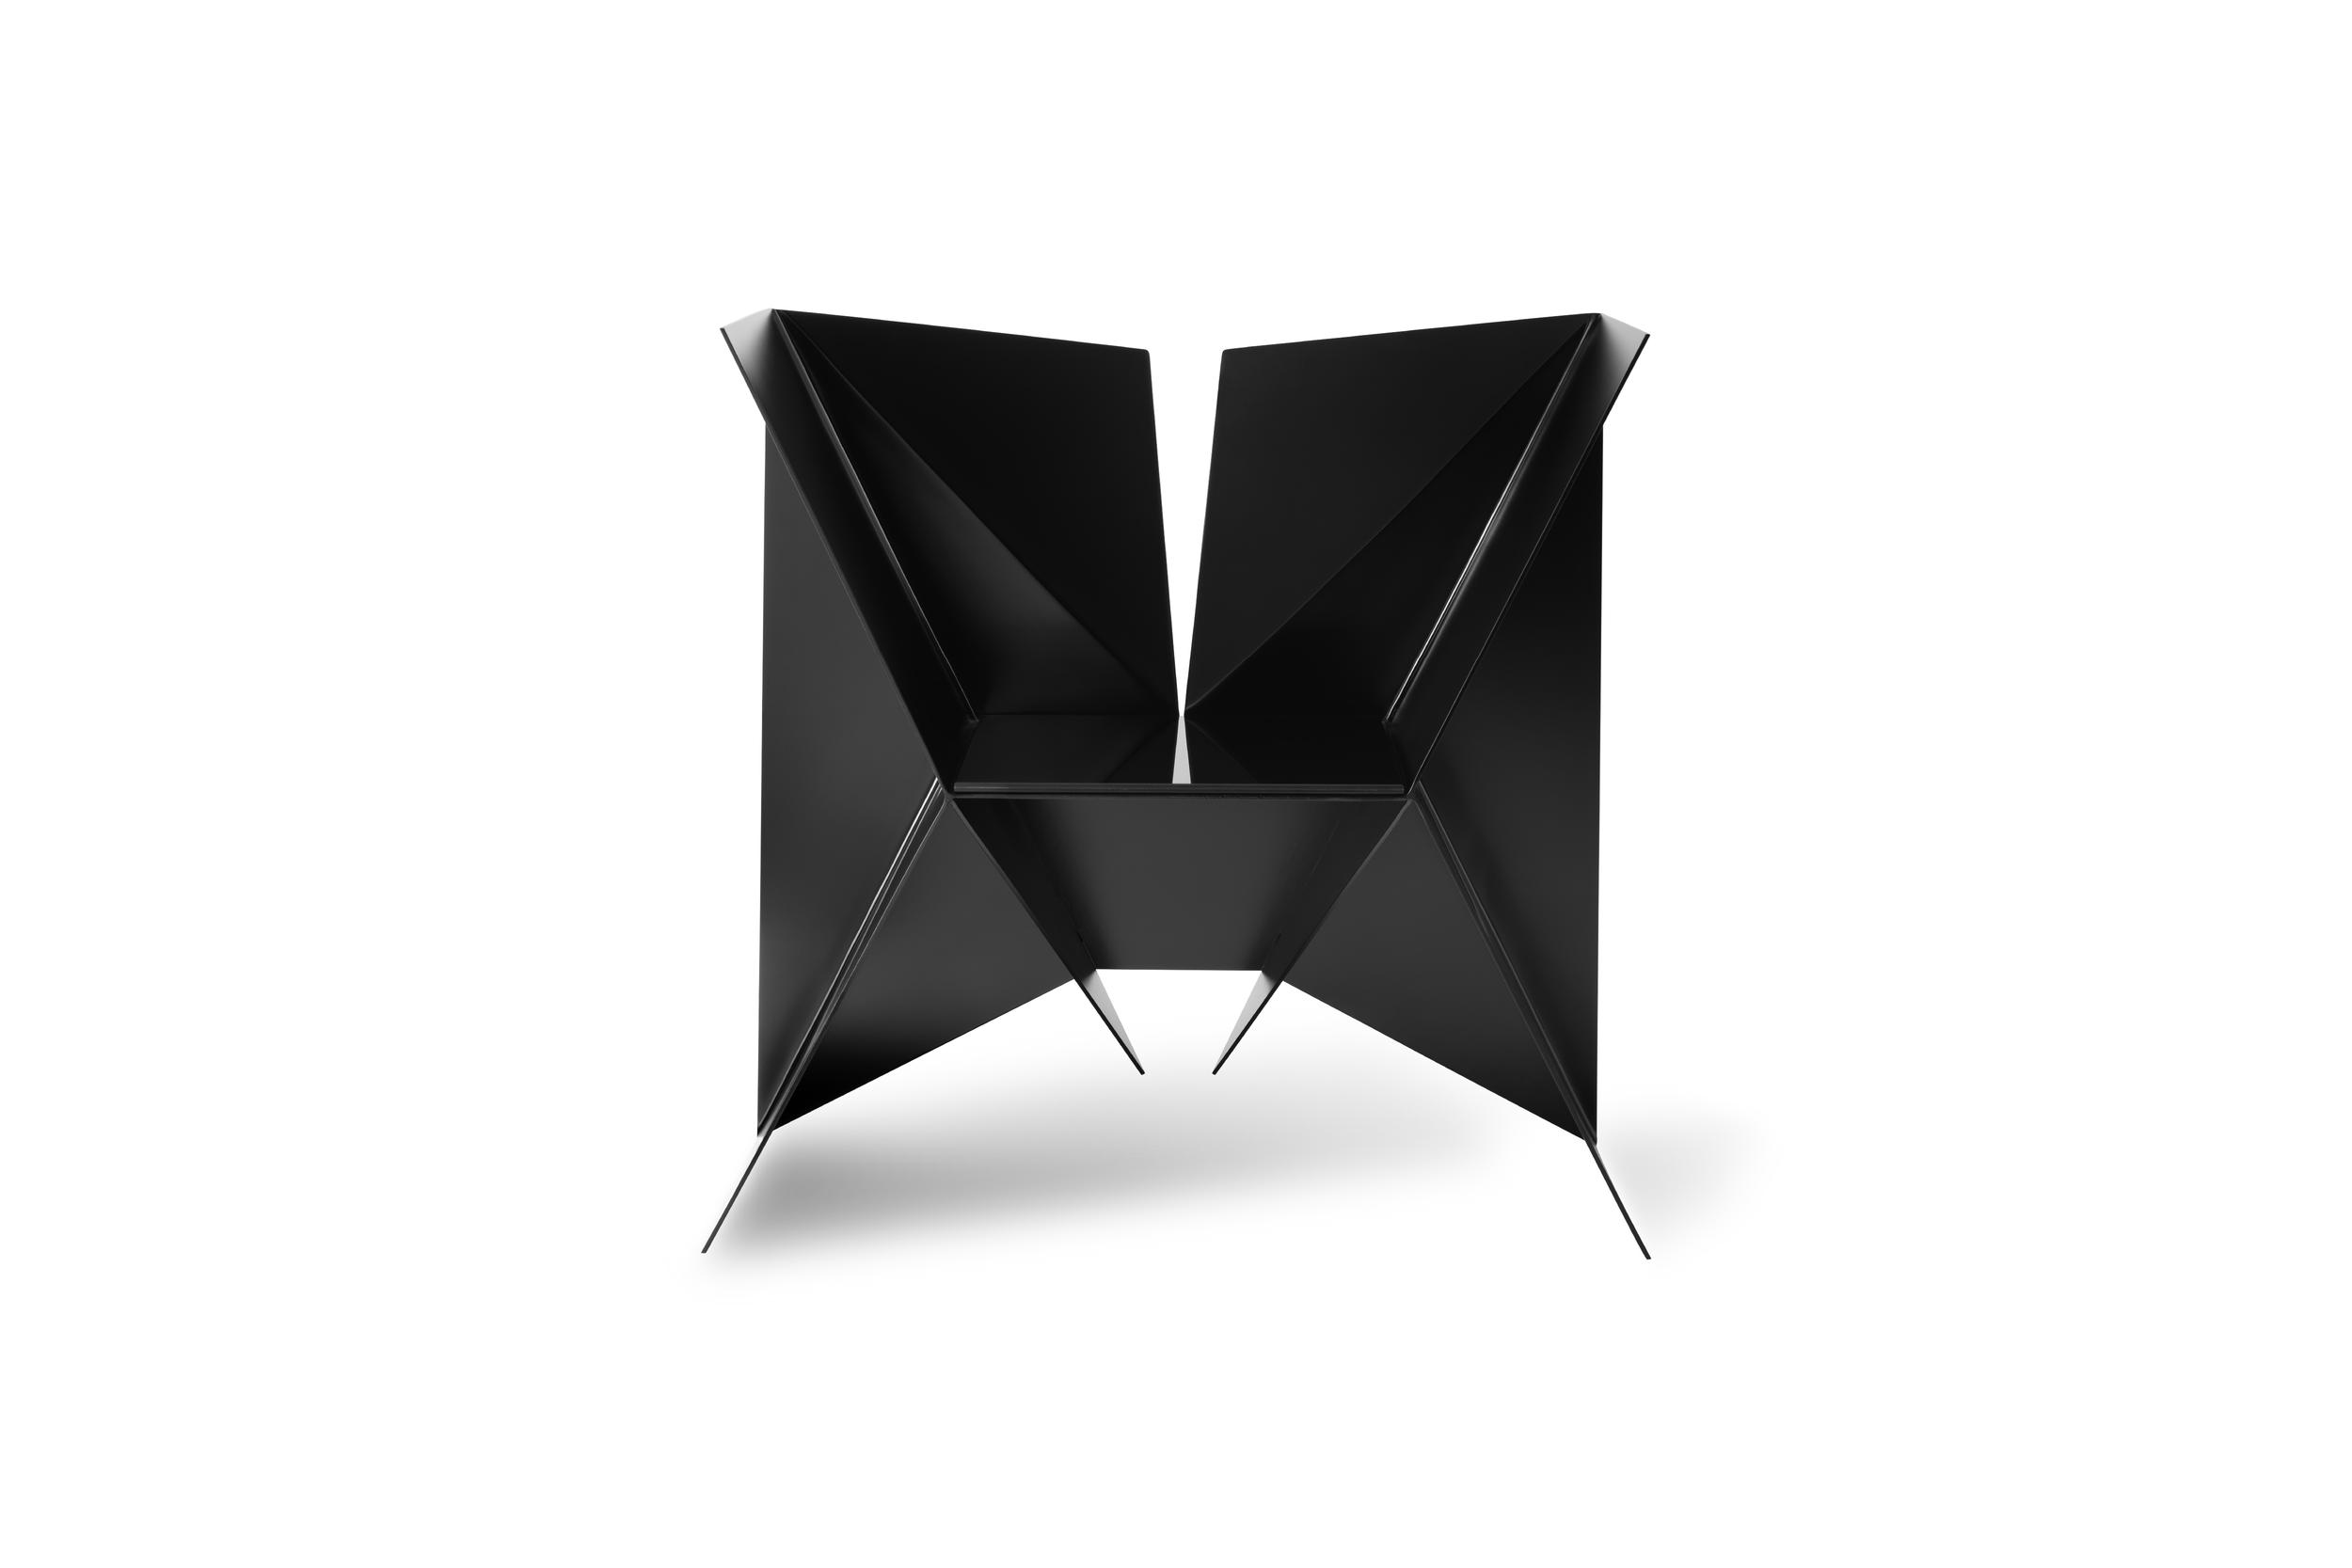 Nova obiecta-01.png